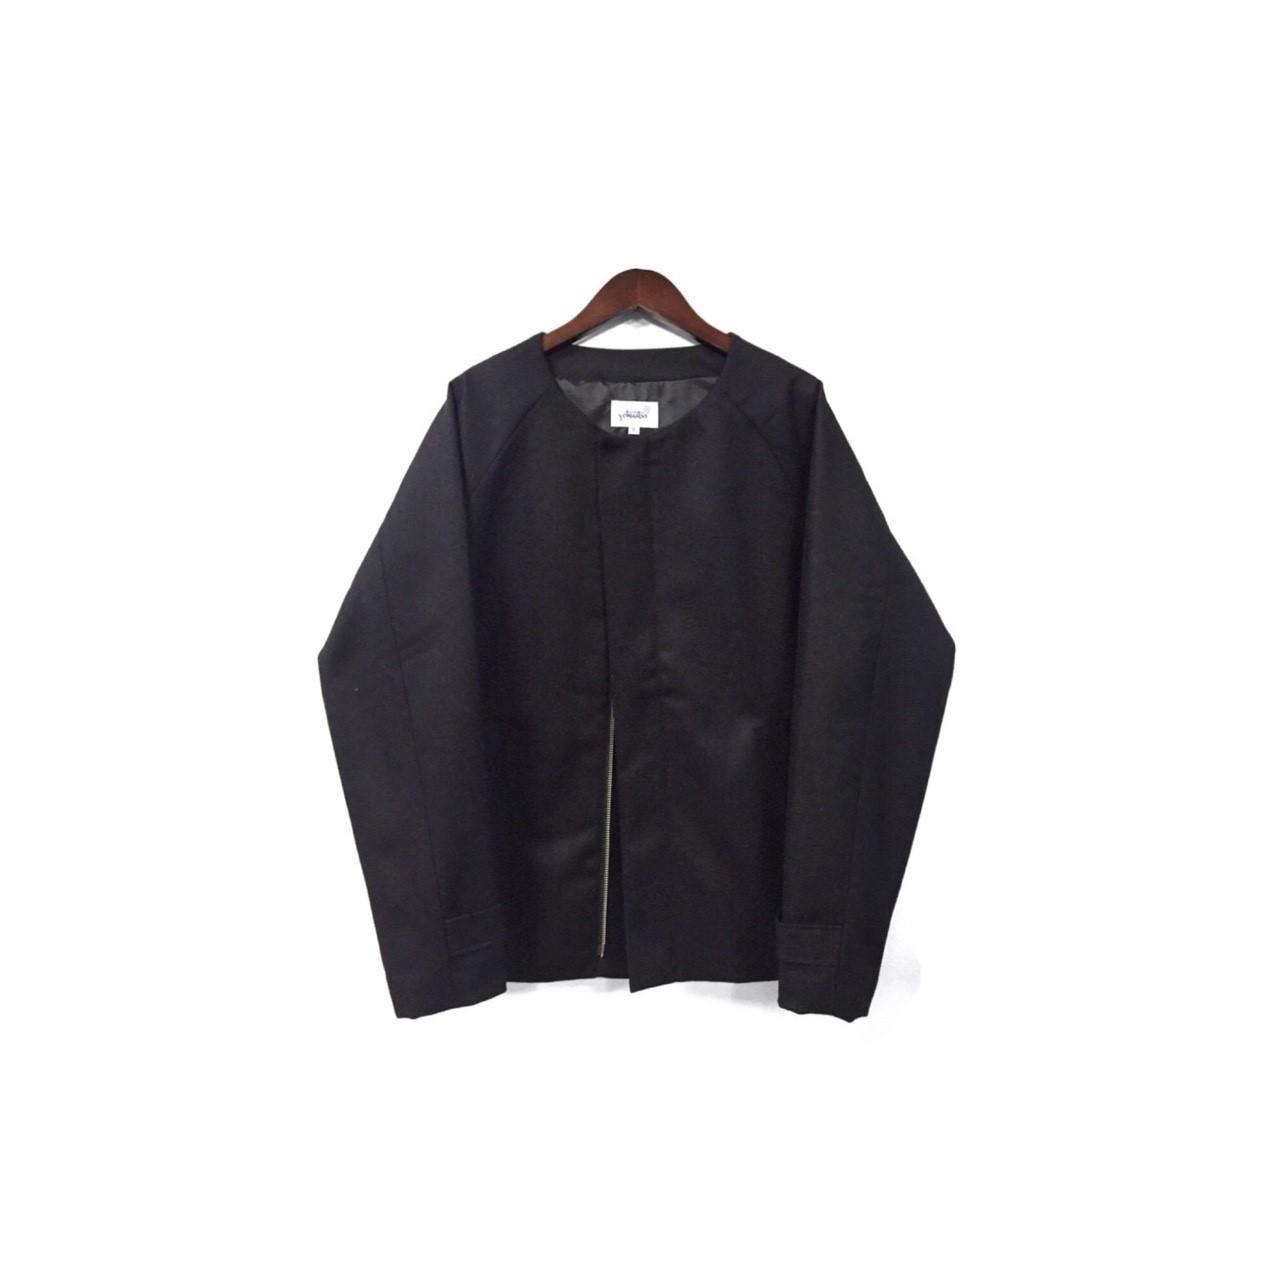 yotsuba - Nocollar Jacket / Black ¥35000+tax